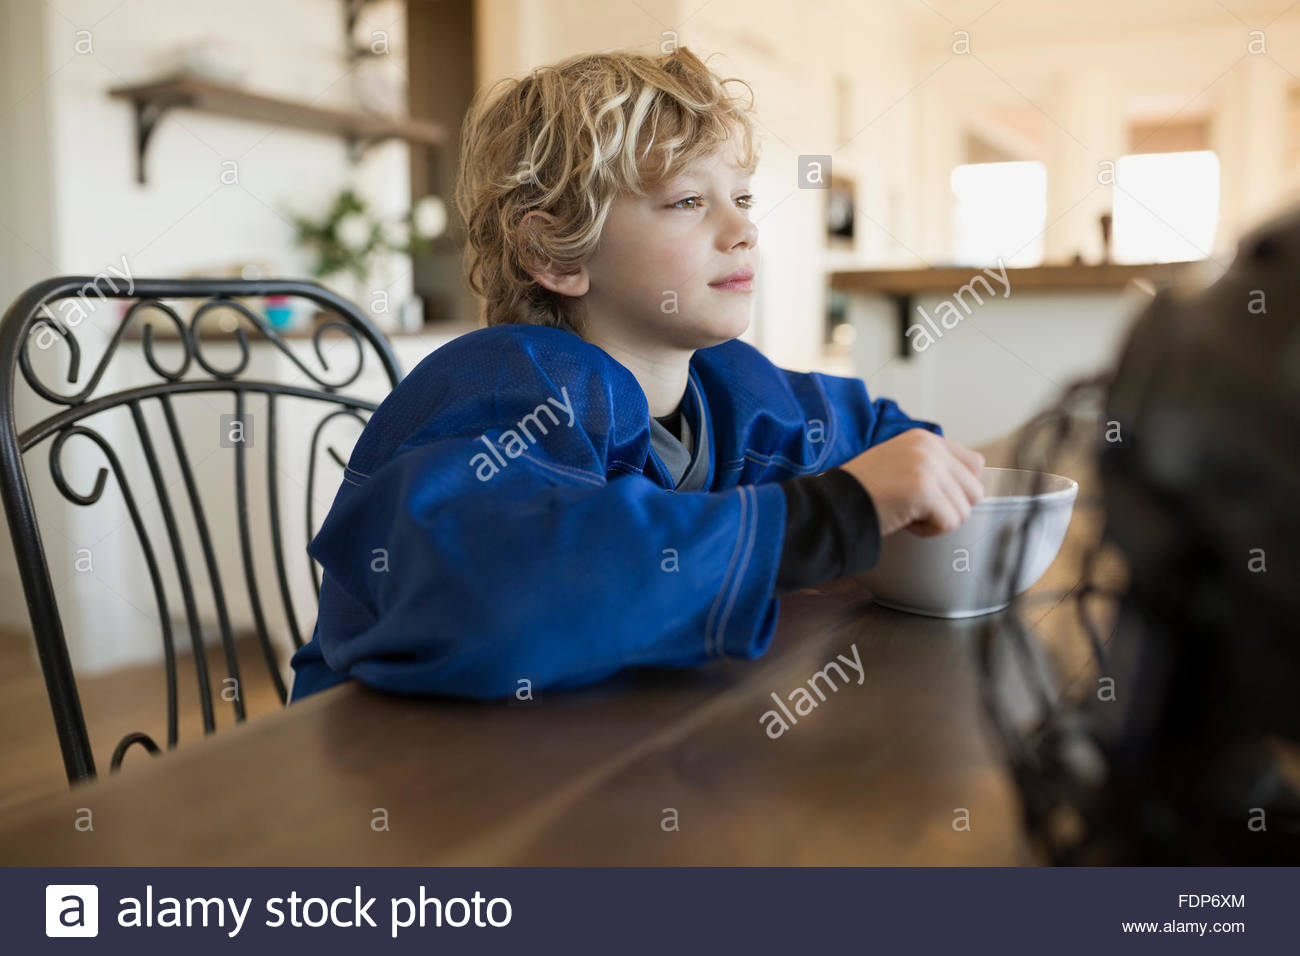 Malinconici boy mangiare cereali a tavola Immagini Stock